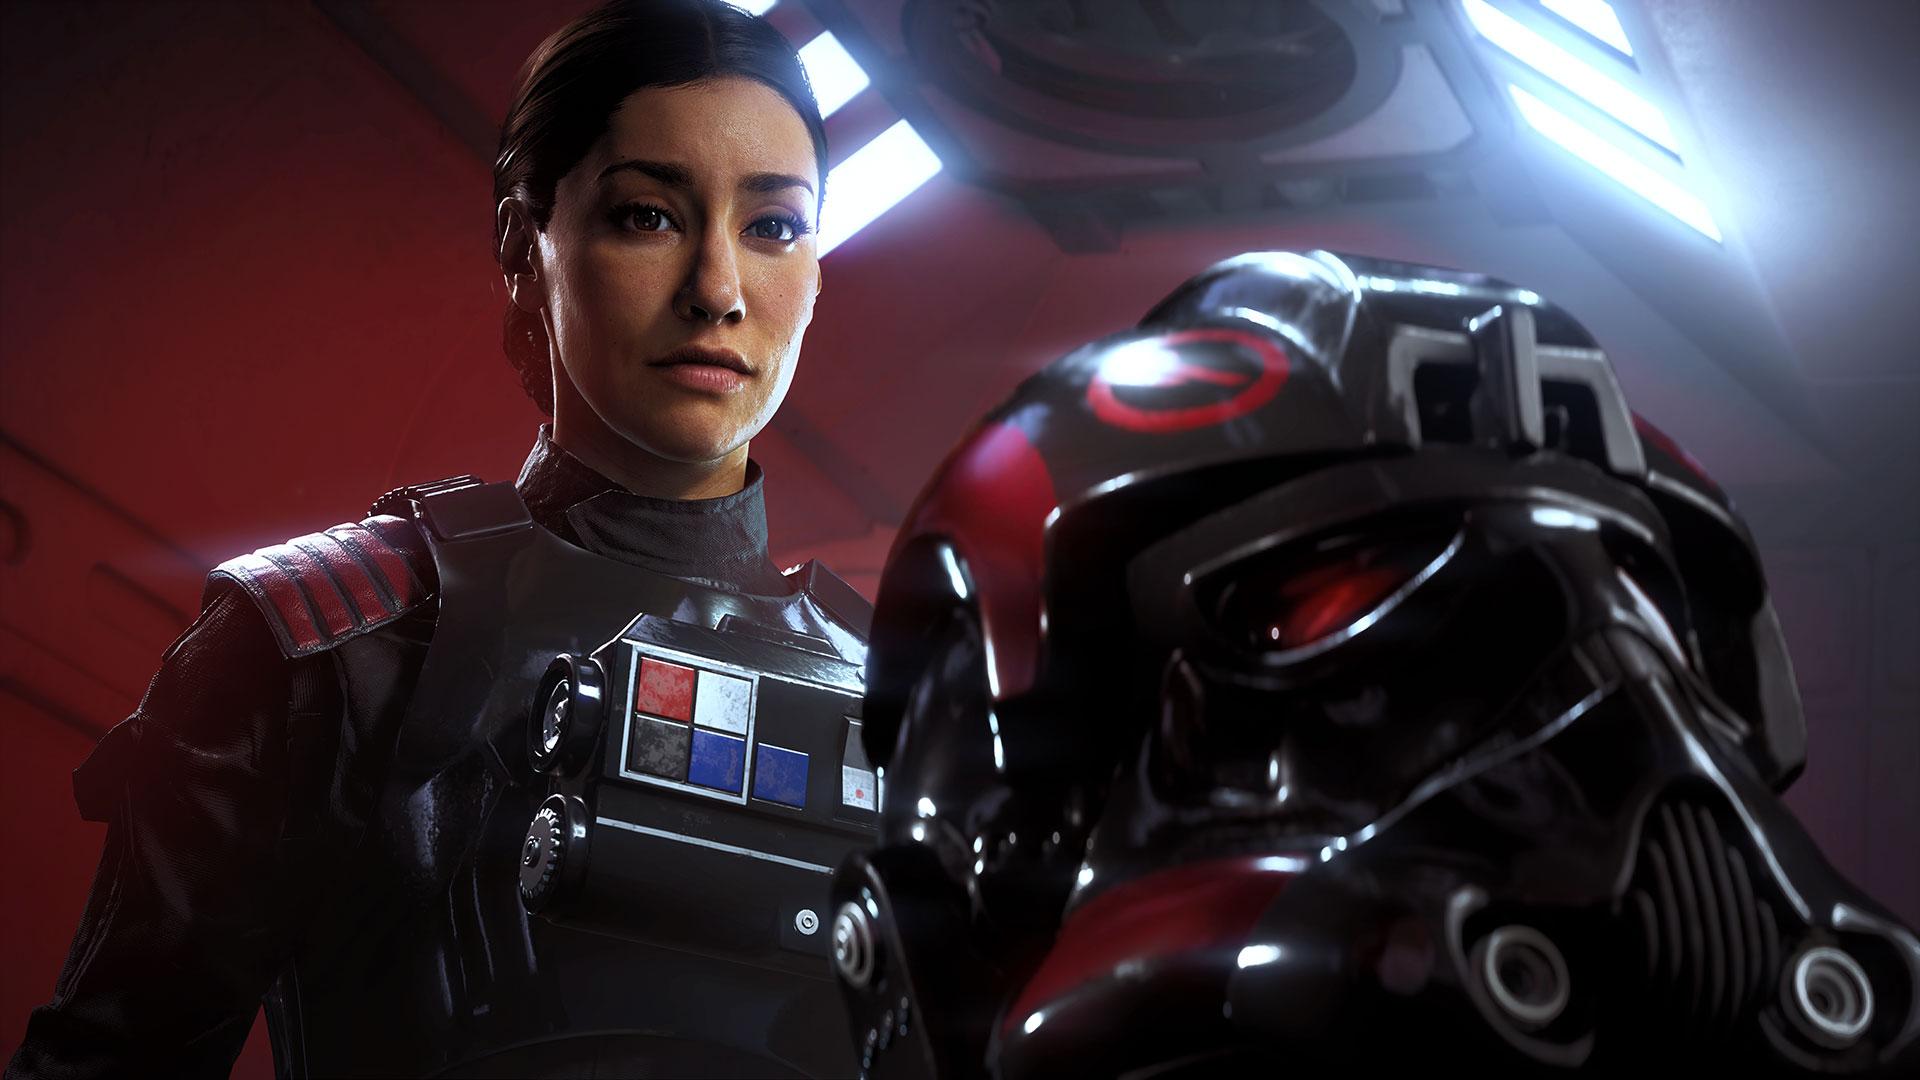 Star wars Iden Versio Suicide Squad Battlefron 2